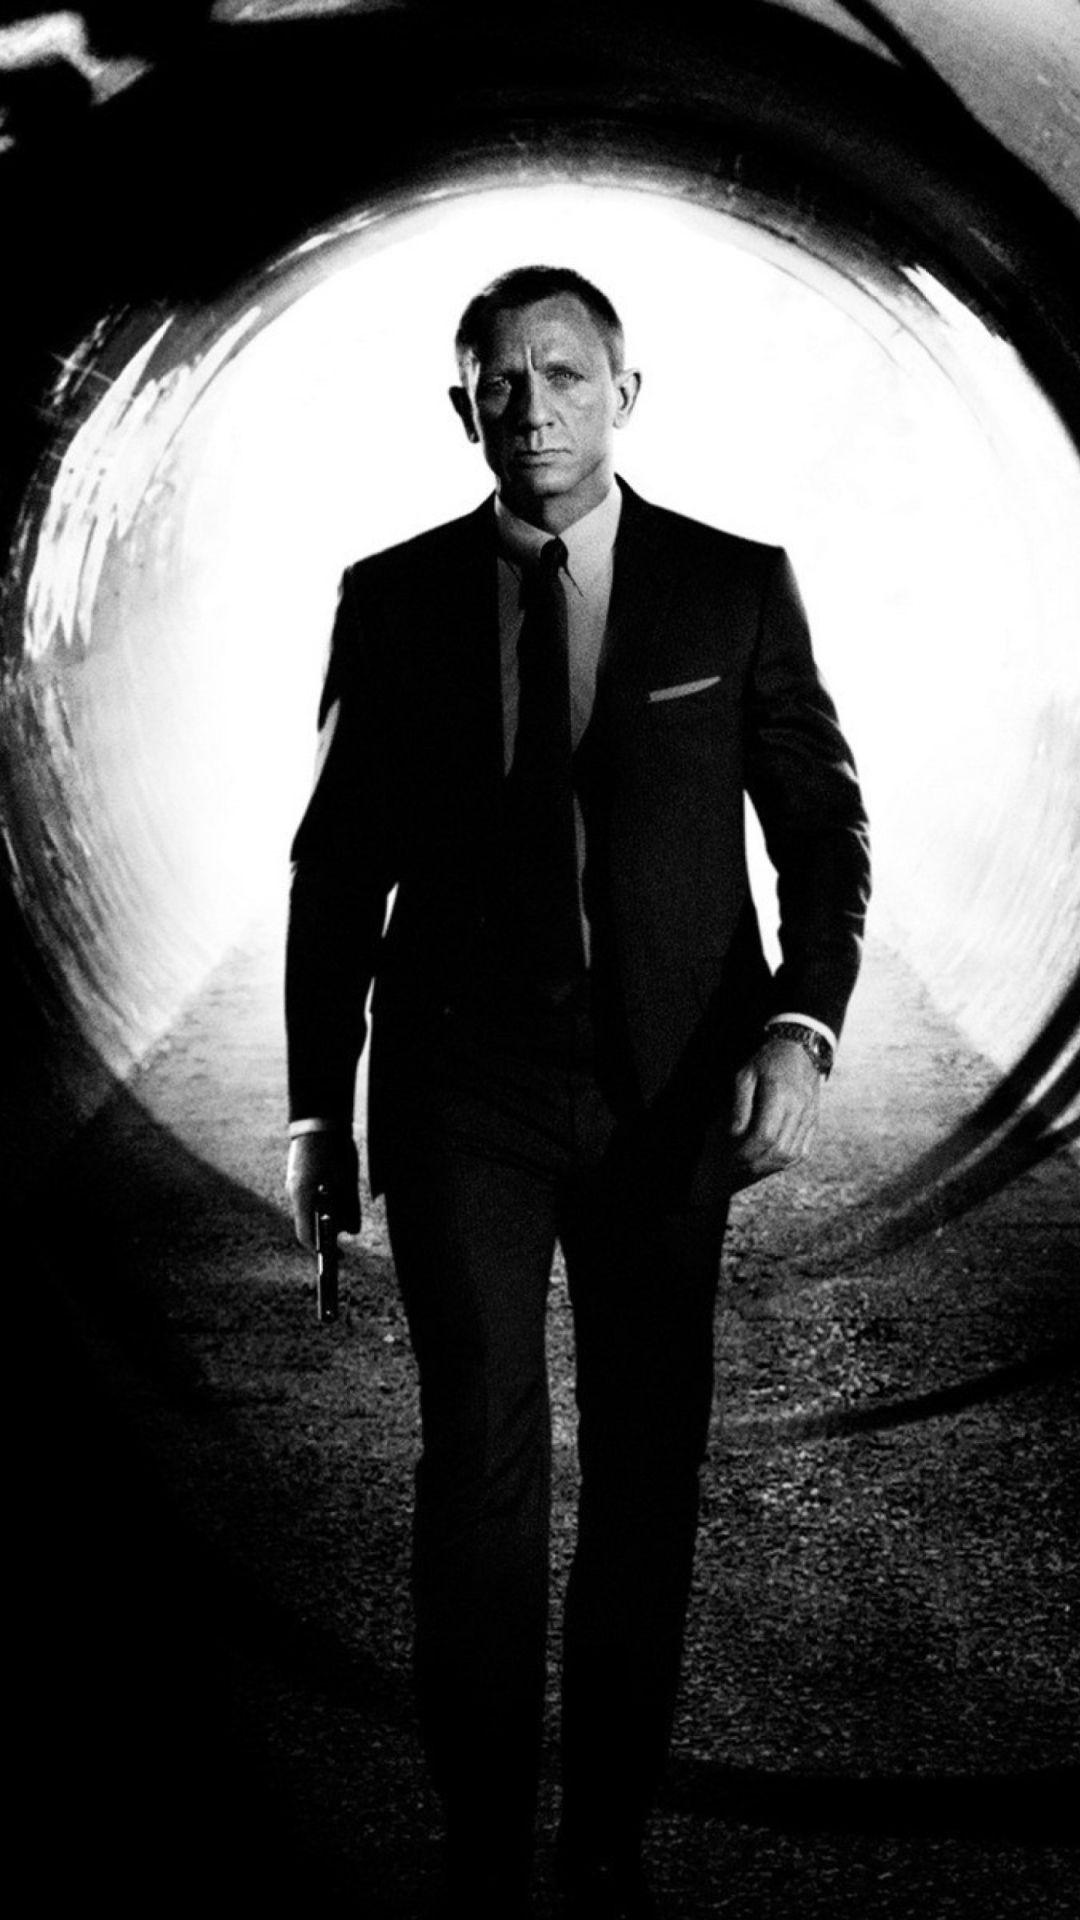 James Bond Iphone Wallpaper Chgland Info James Bond Movies Daniel Craig James Bond James Bond